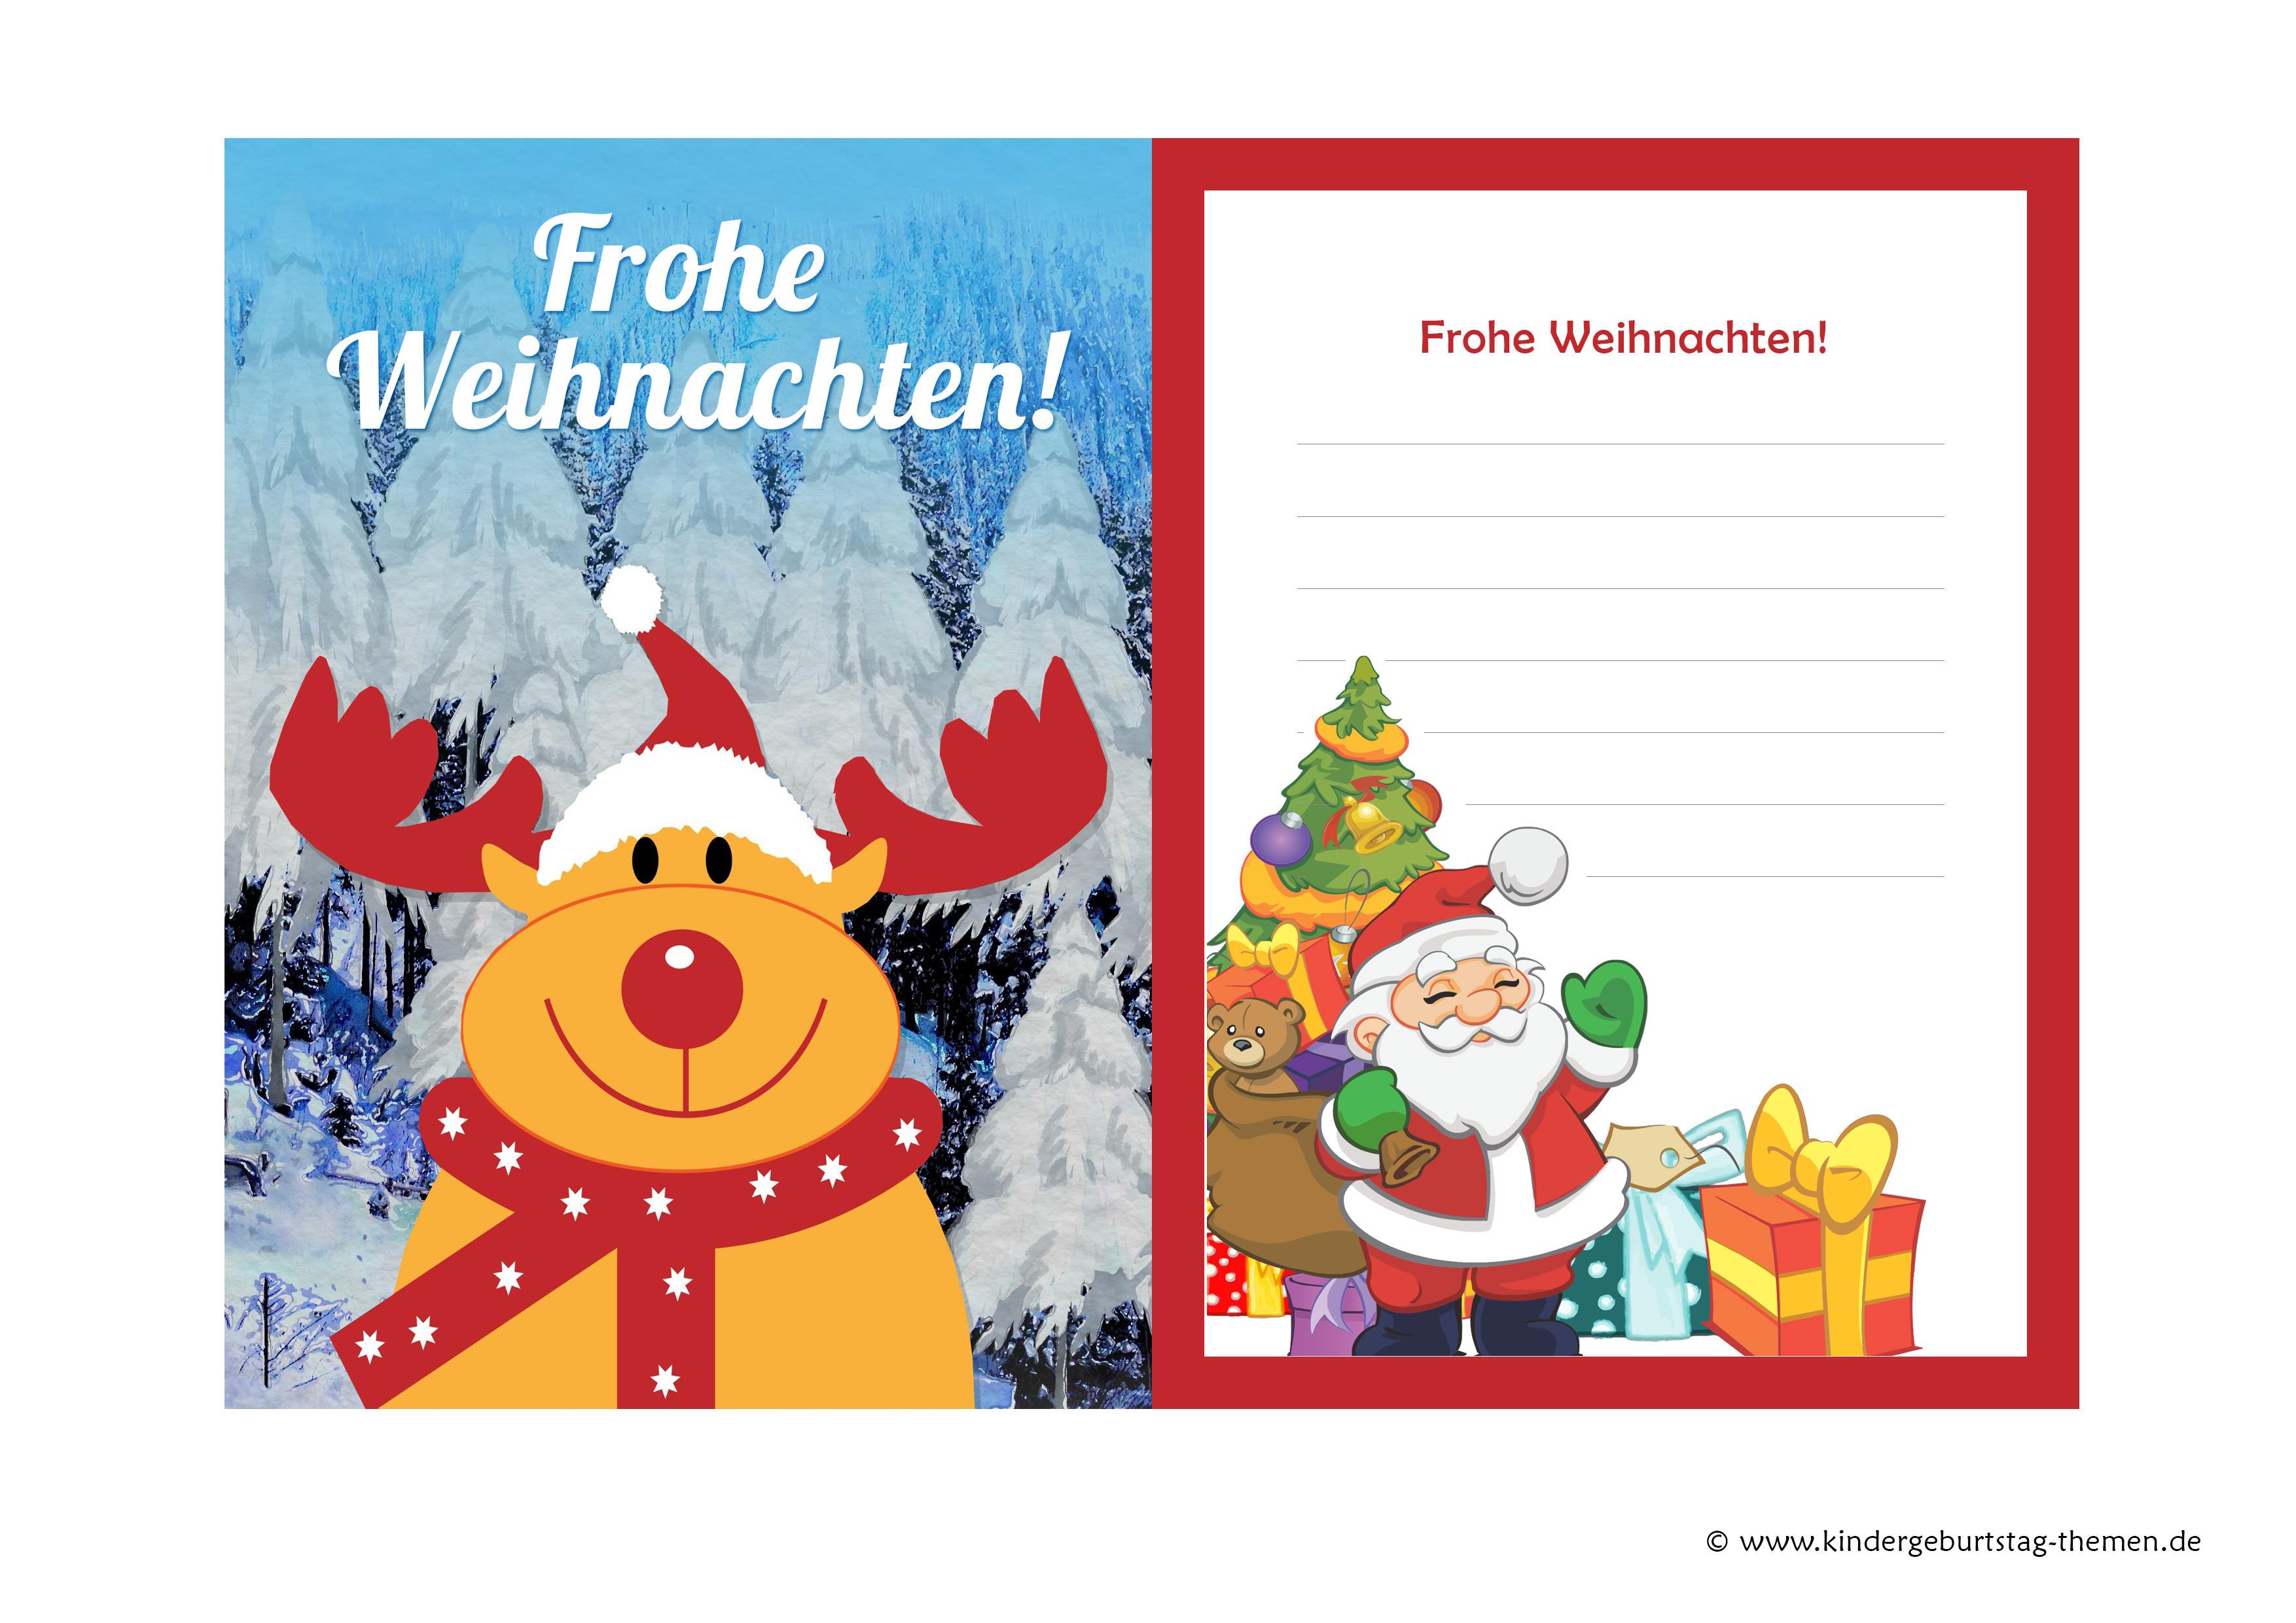 Ausmalbilder Weihnachten Christlich Inspirierend Drucke Selbst Weihnachtskarten Kostenlos Line Gestalten Stock